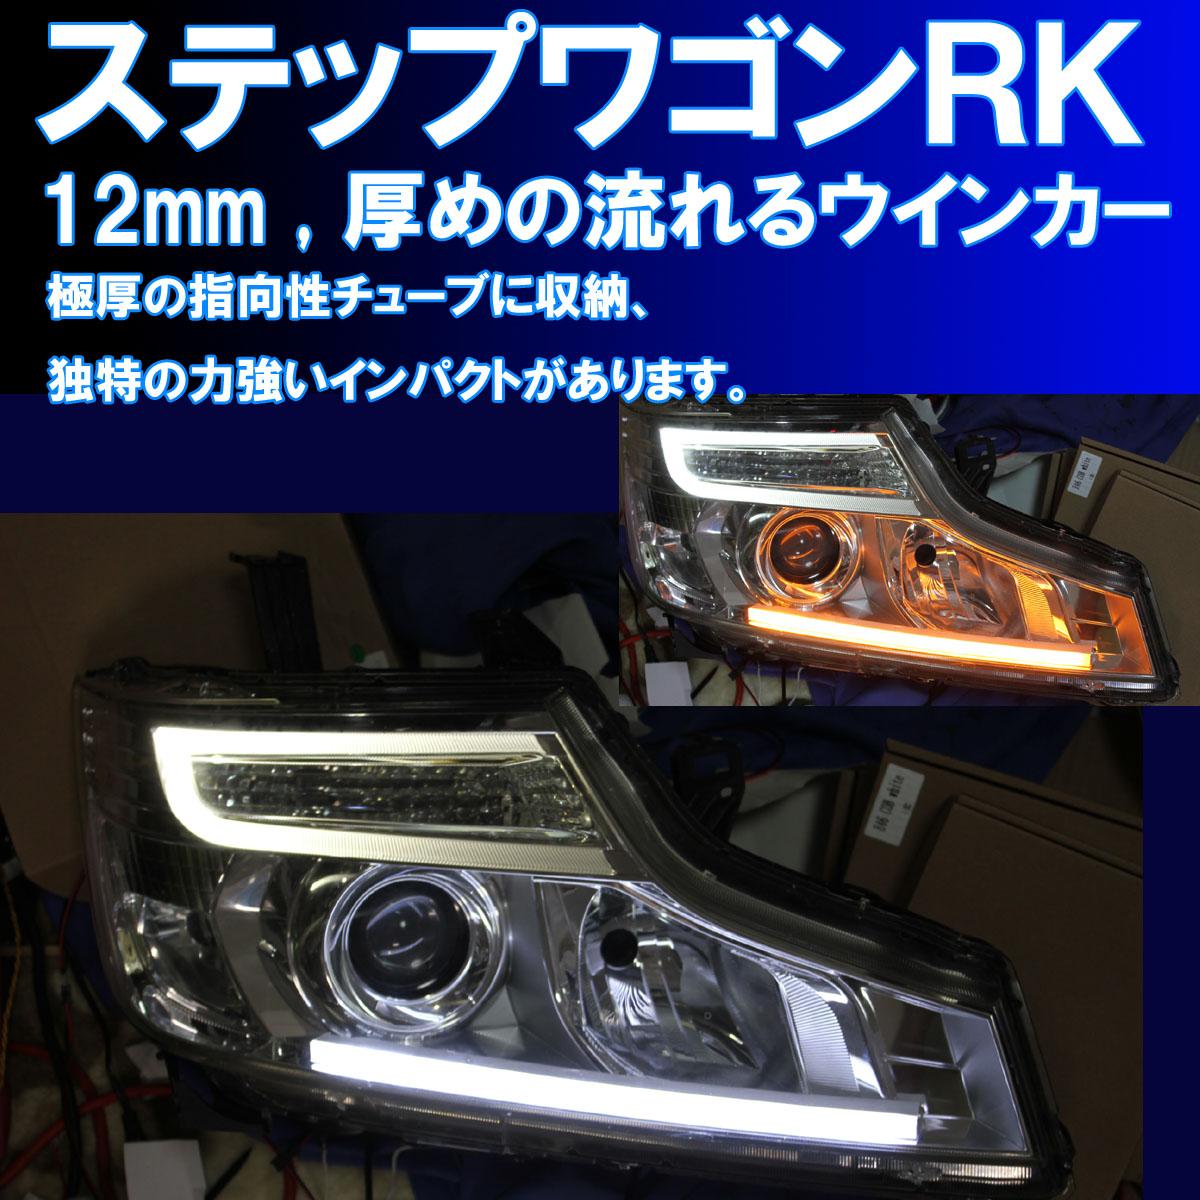 ★ステップワゴン RK1 RK2 後期用 12mm厚、厚め、シーケンシャルウインカー アイライン 流れるウインカー デイライト ホンダ RK5 RK6